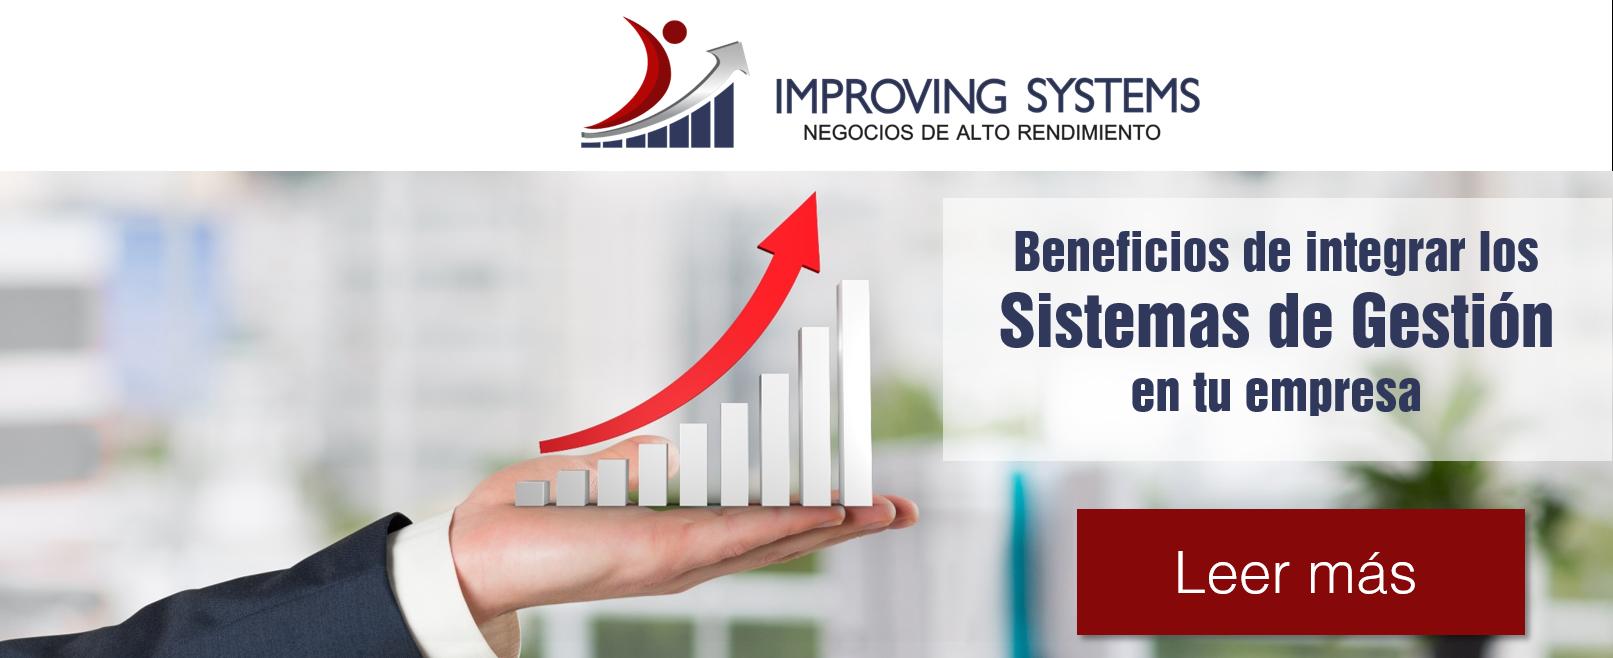 Beneficios de integrar los sistemas de gestión en tu empresa